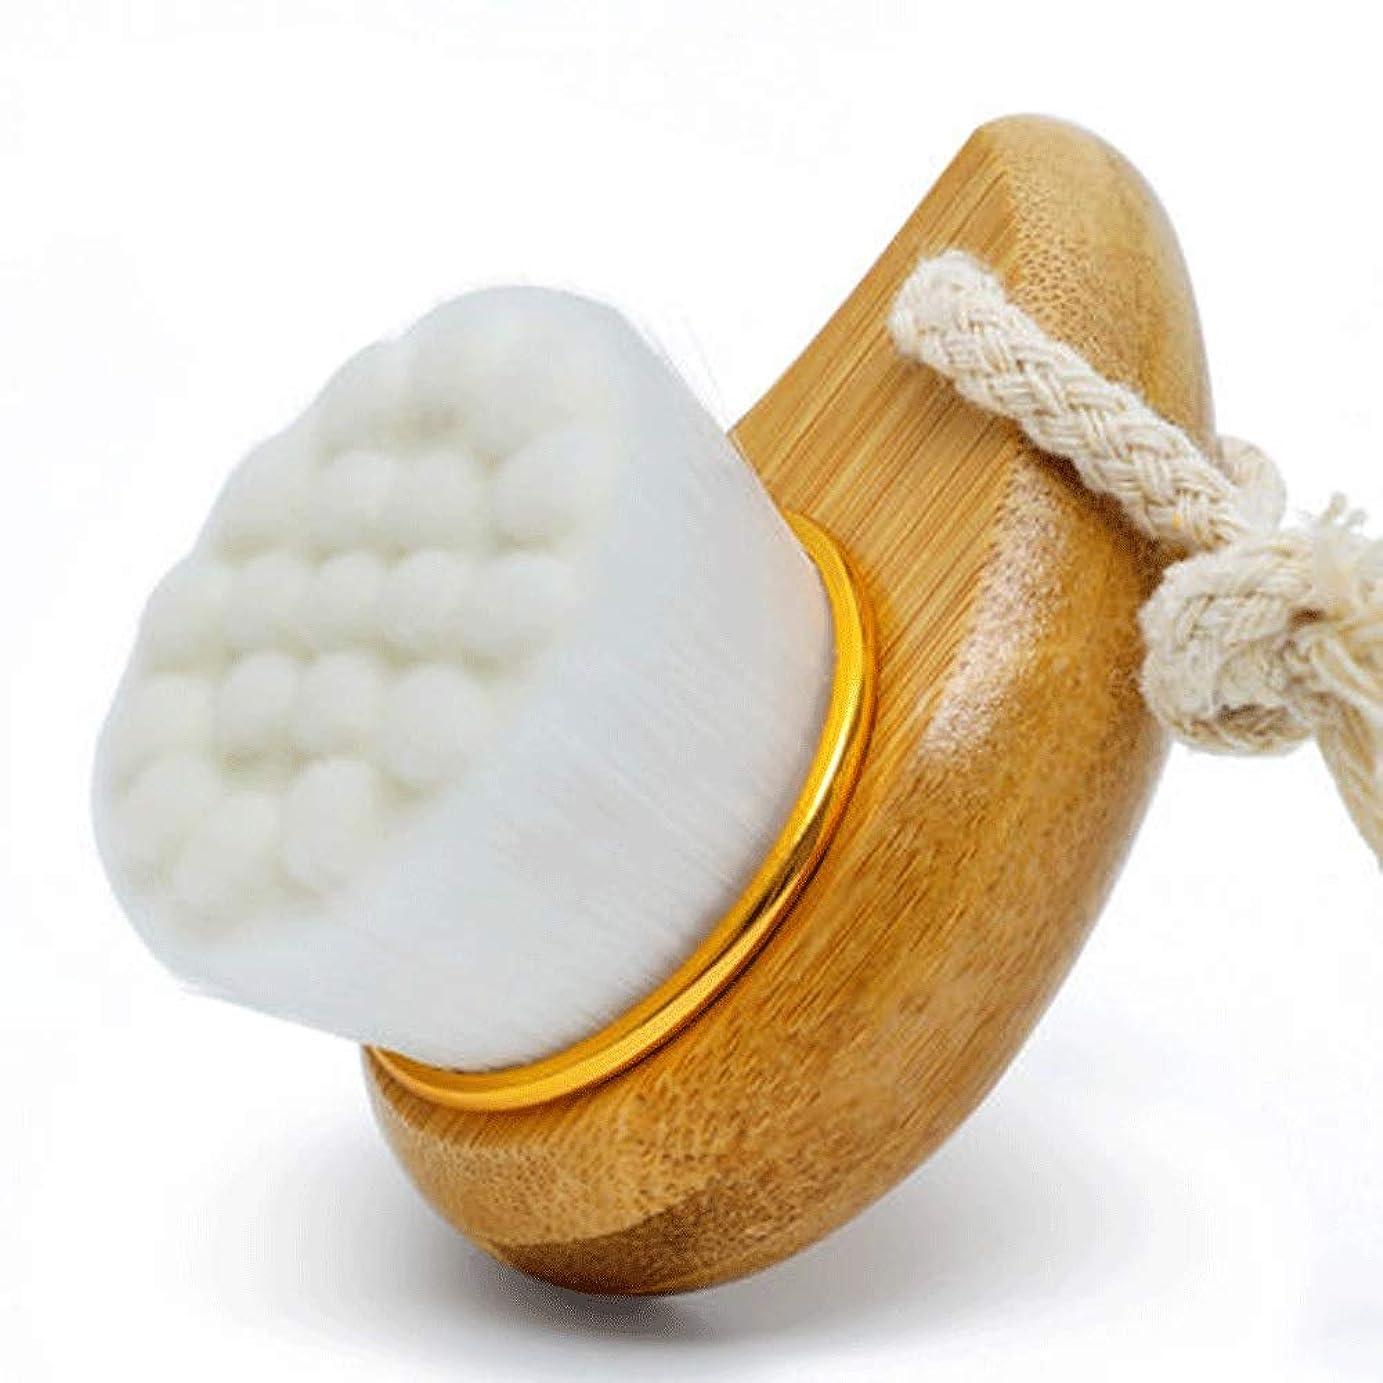 想像力制限された苦行HEHUIHUI- クレンジングブラシ、防水ディープクレンジングポア、電気剥離、にきび、アンチエイジングクレンジングブラシ(ホワイト) (Color : White)